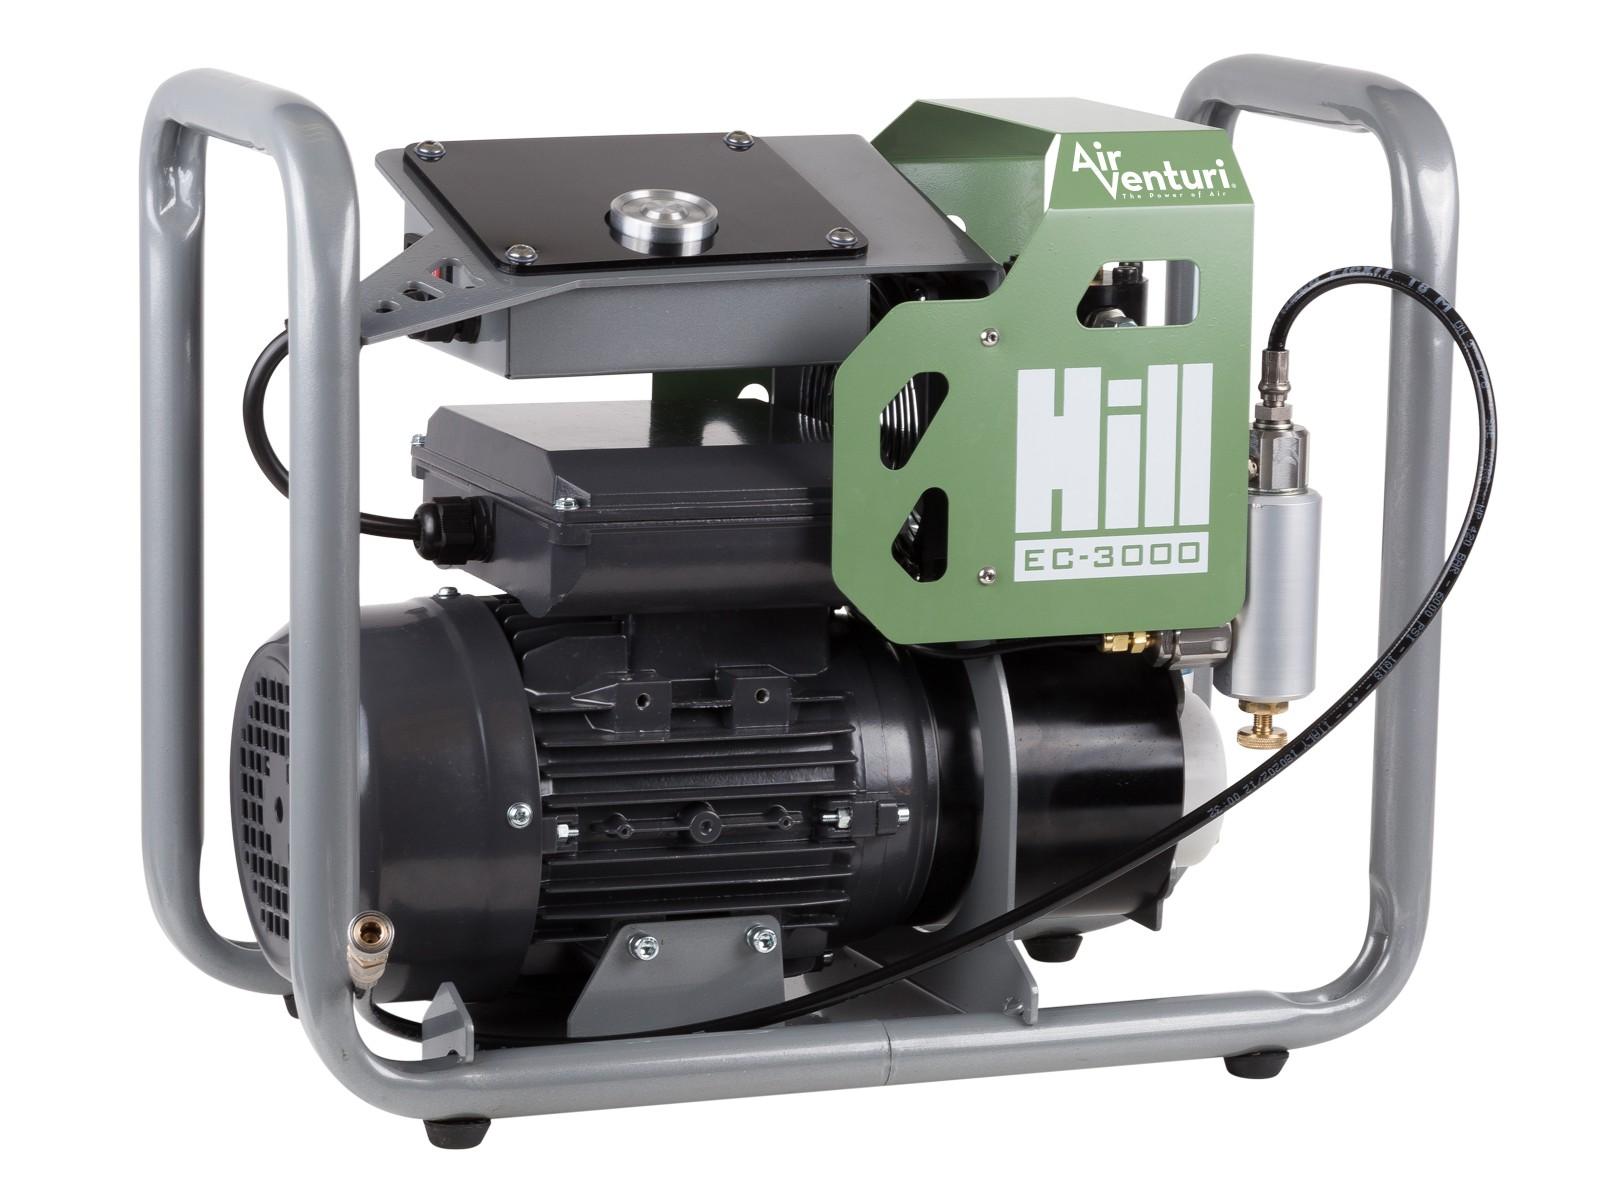 Air Venturi EC-3000 Compressor by Hill